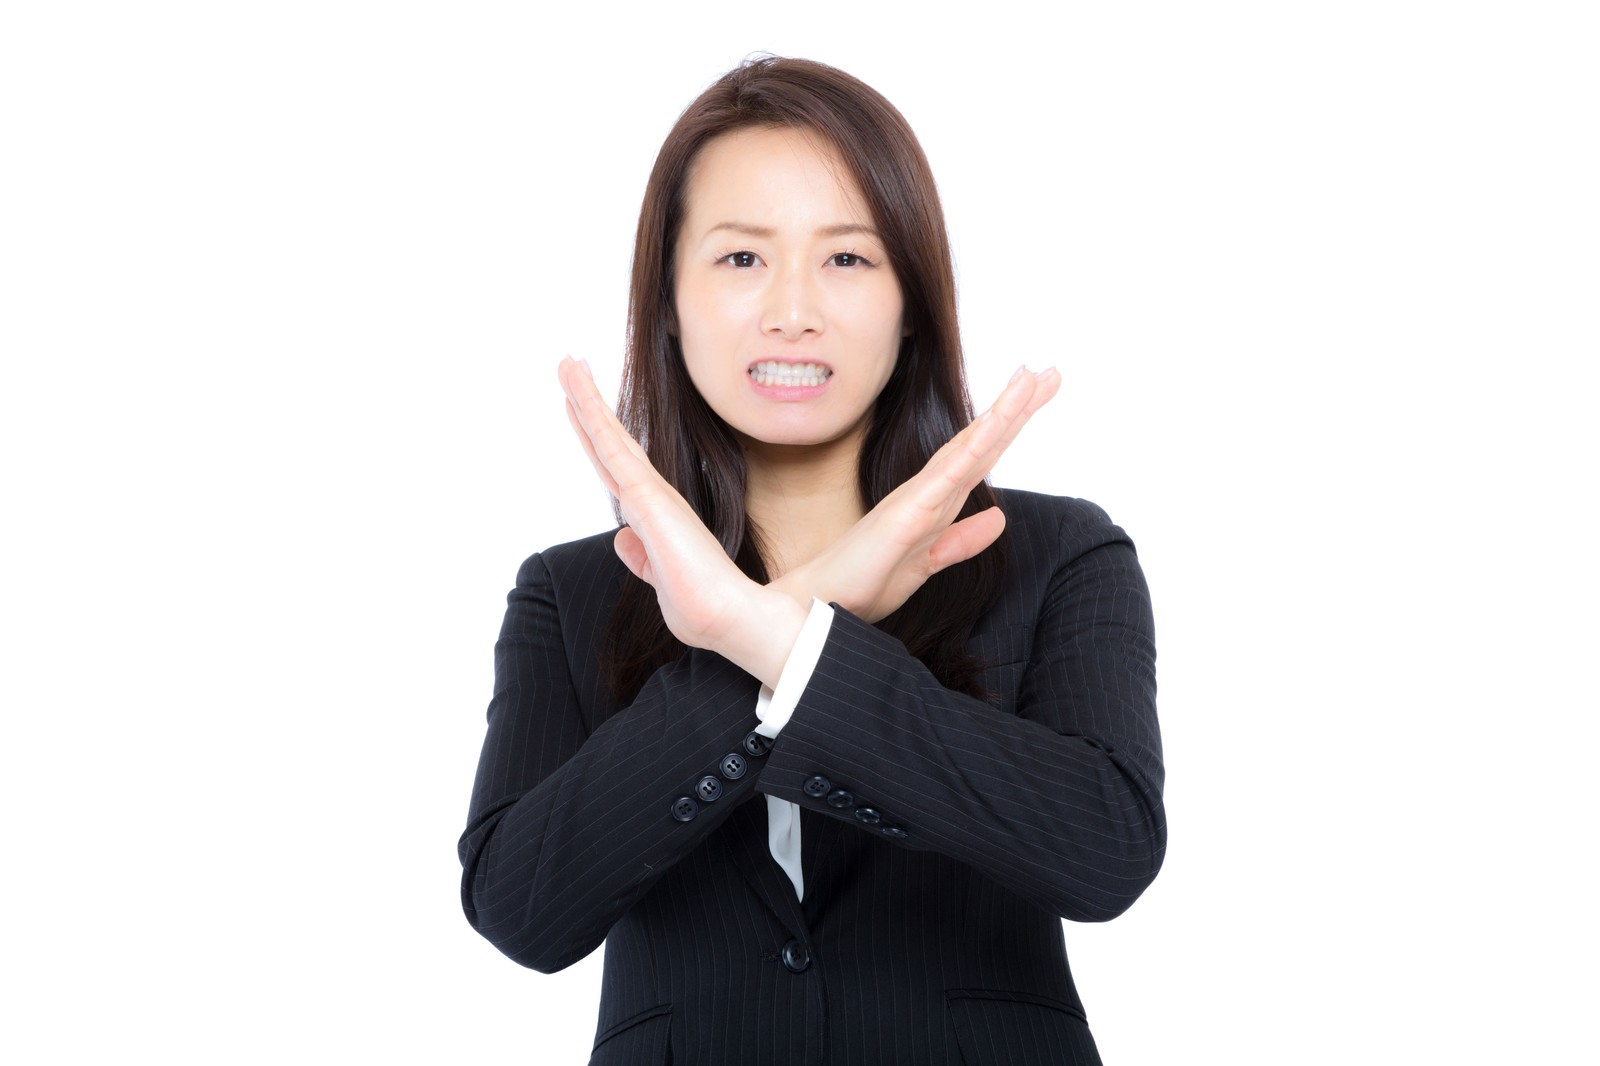 バツをする女性の画像